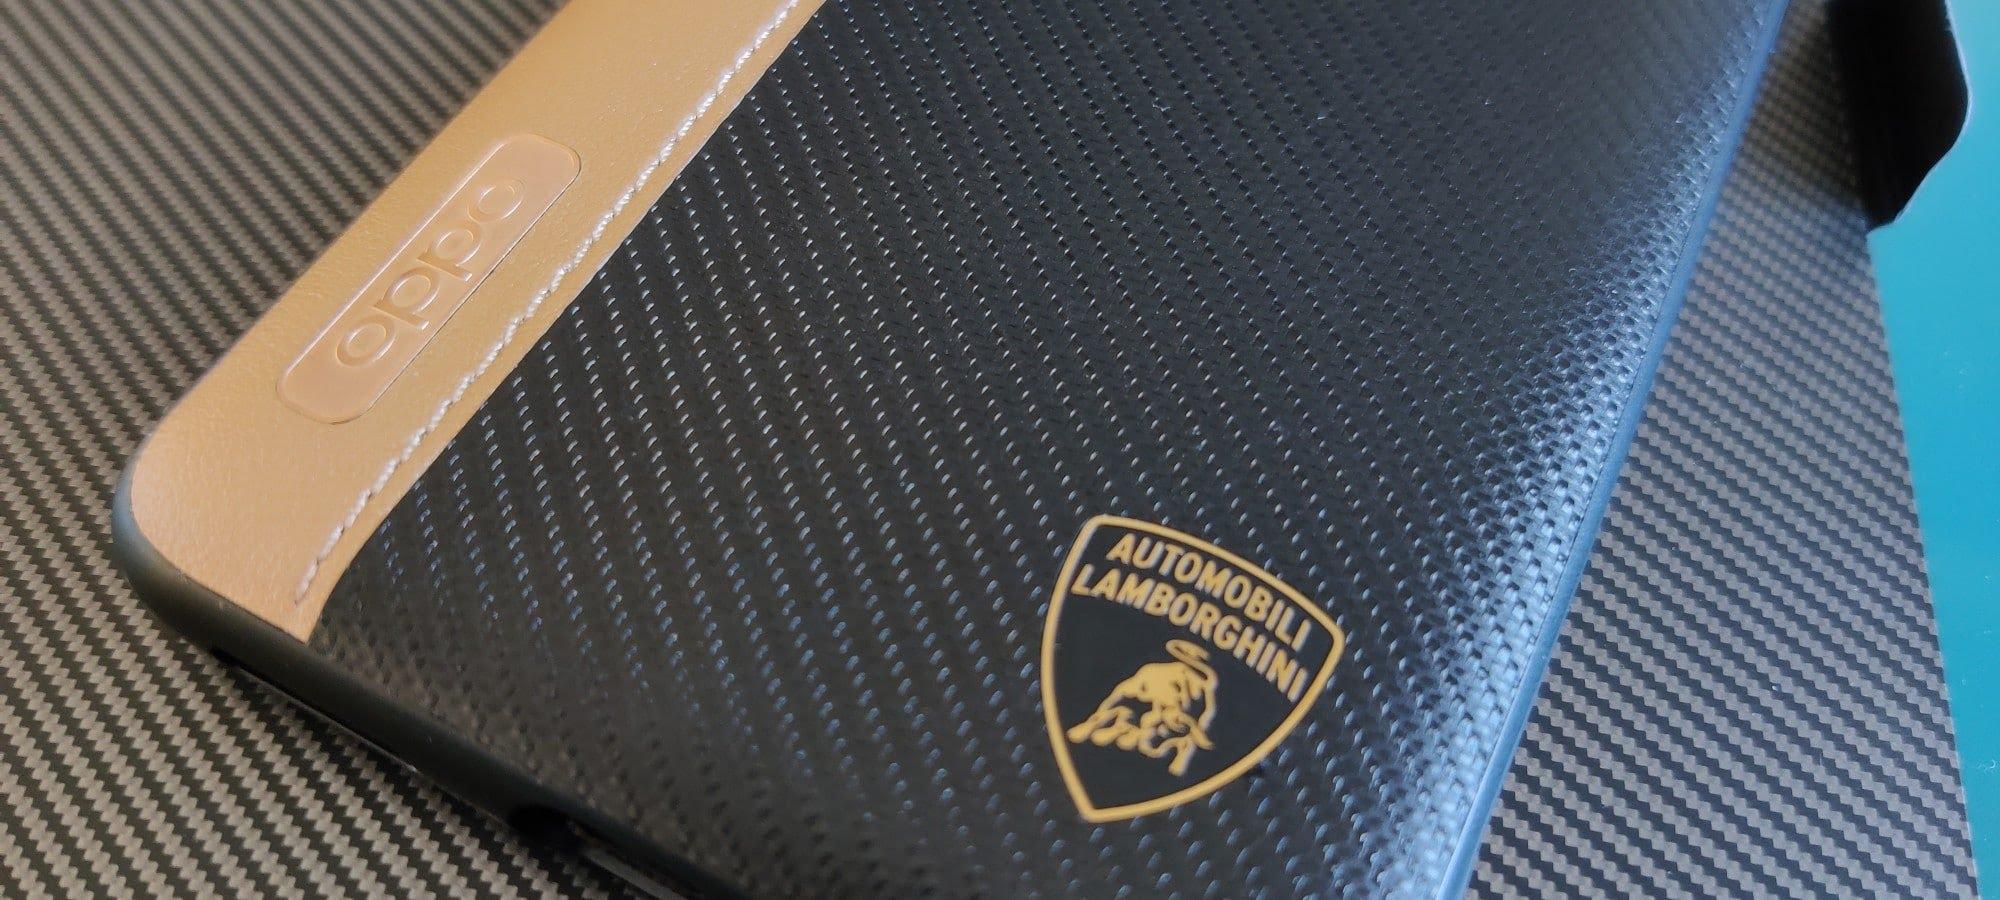 Coque de protection Oppo Find X2 Pro Lamborghini